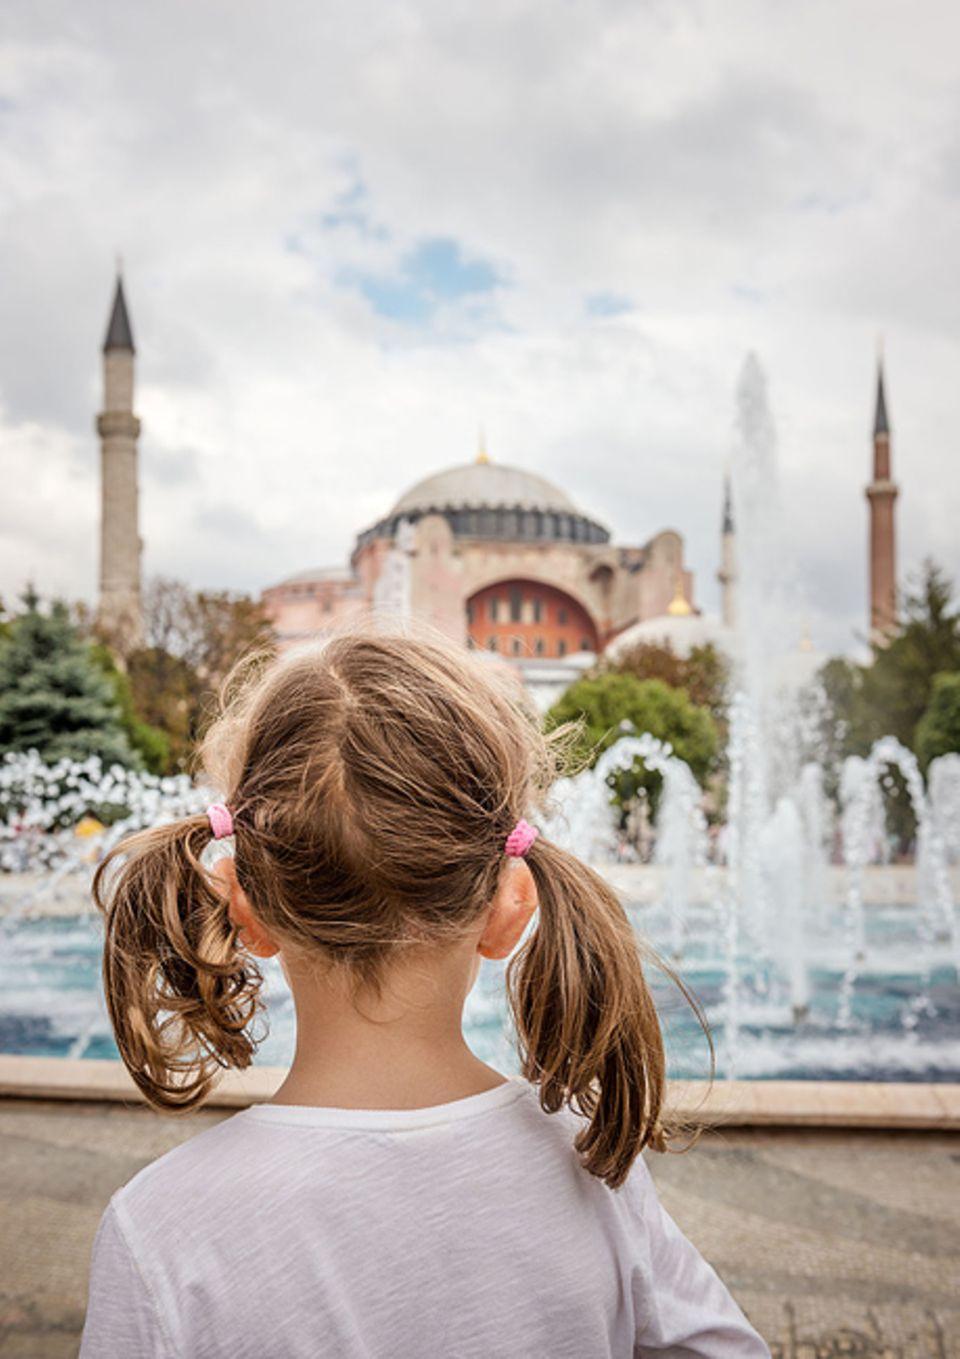 Reisetipps: Mit Kindern Istanbul entdecken, muss nicht gleich Stress bedeuten, so lange genügend Geschichten aus 1001 Nacht im Gepäck verstaut sind